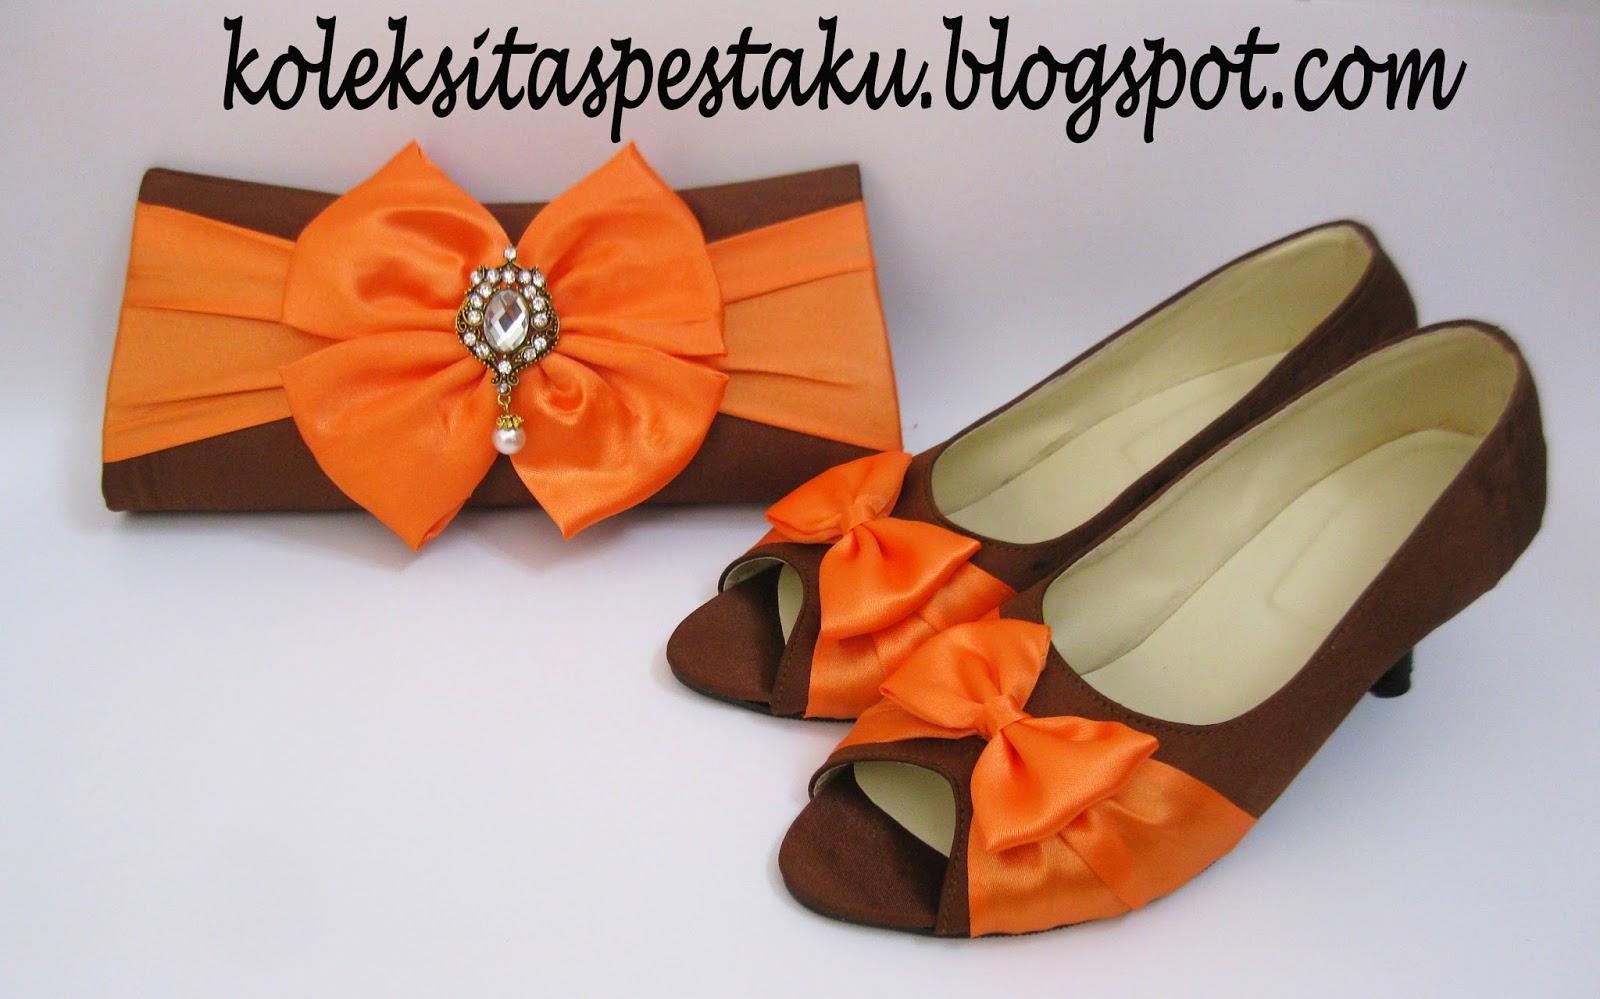 Sepatu Pesta dan Tas Pesta Perpaduan Coklat Orange Unik